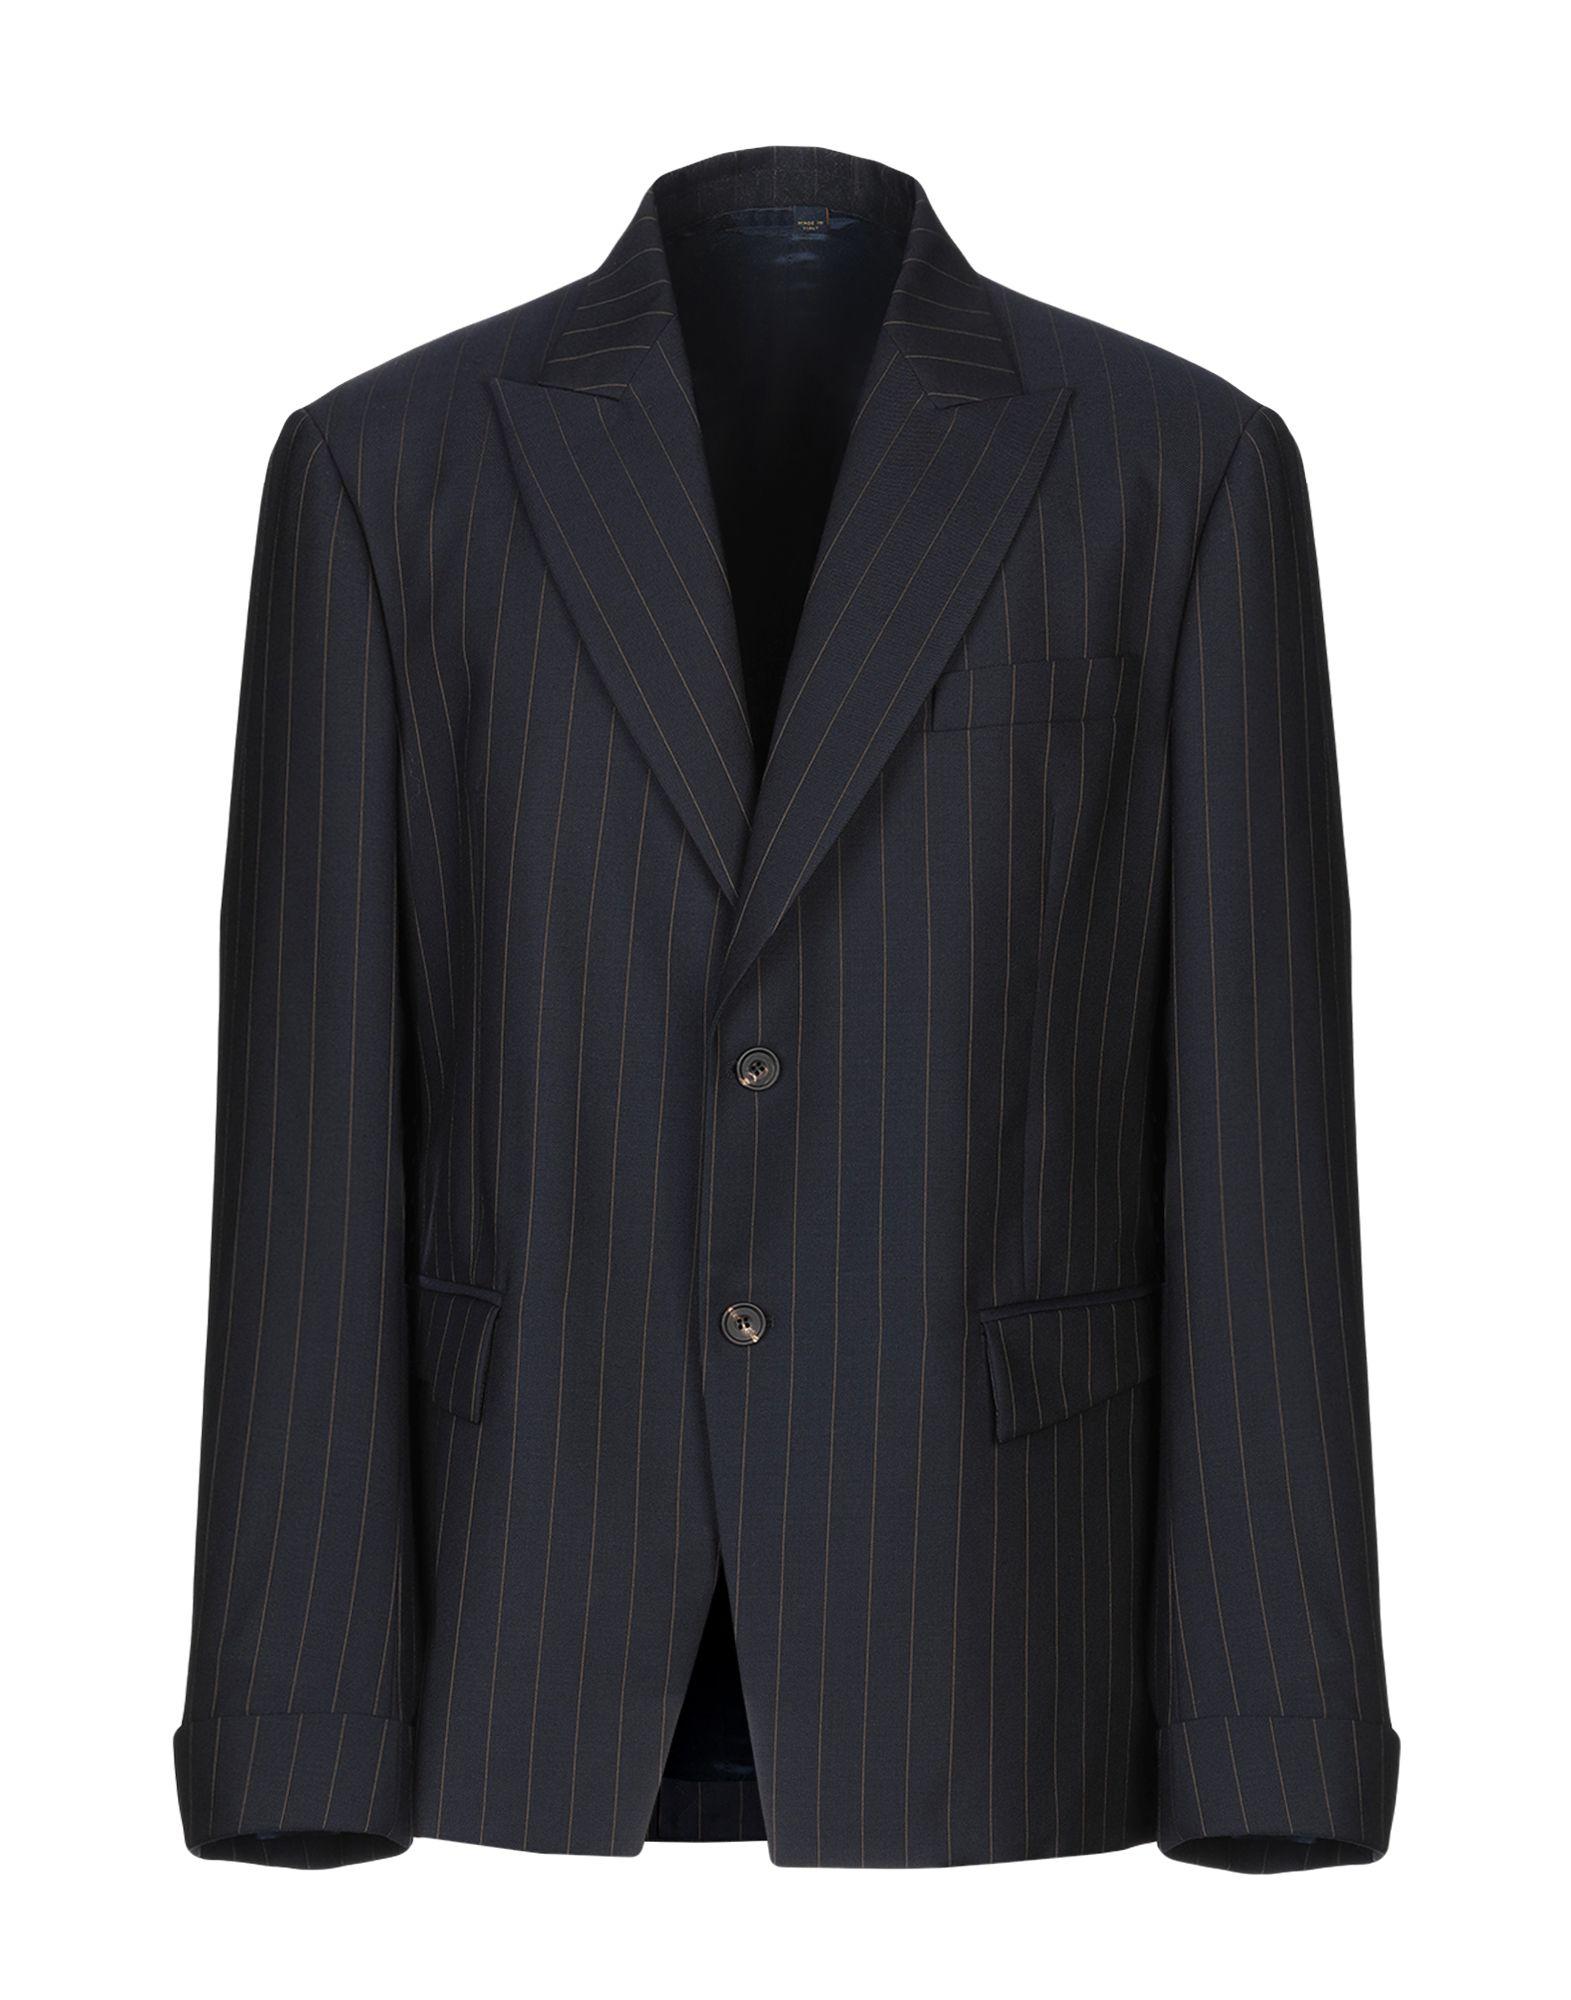 VIVIENNE WESTWOOD MAN Blazer in Dark Blue